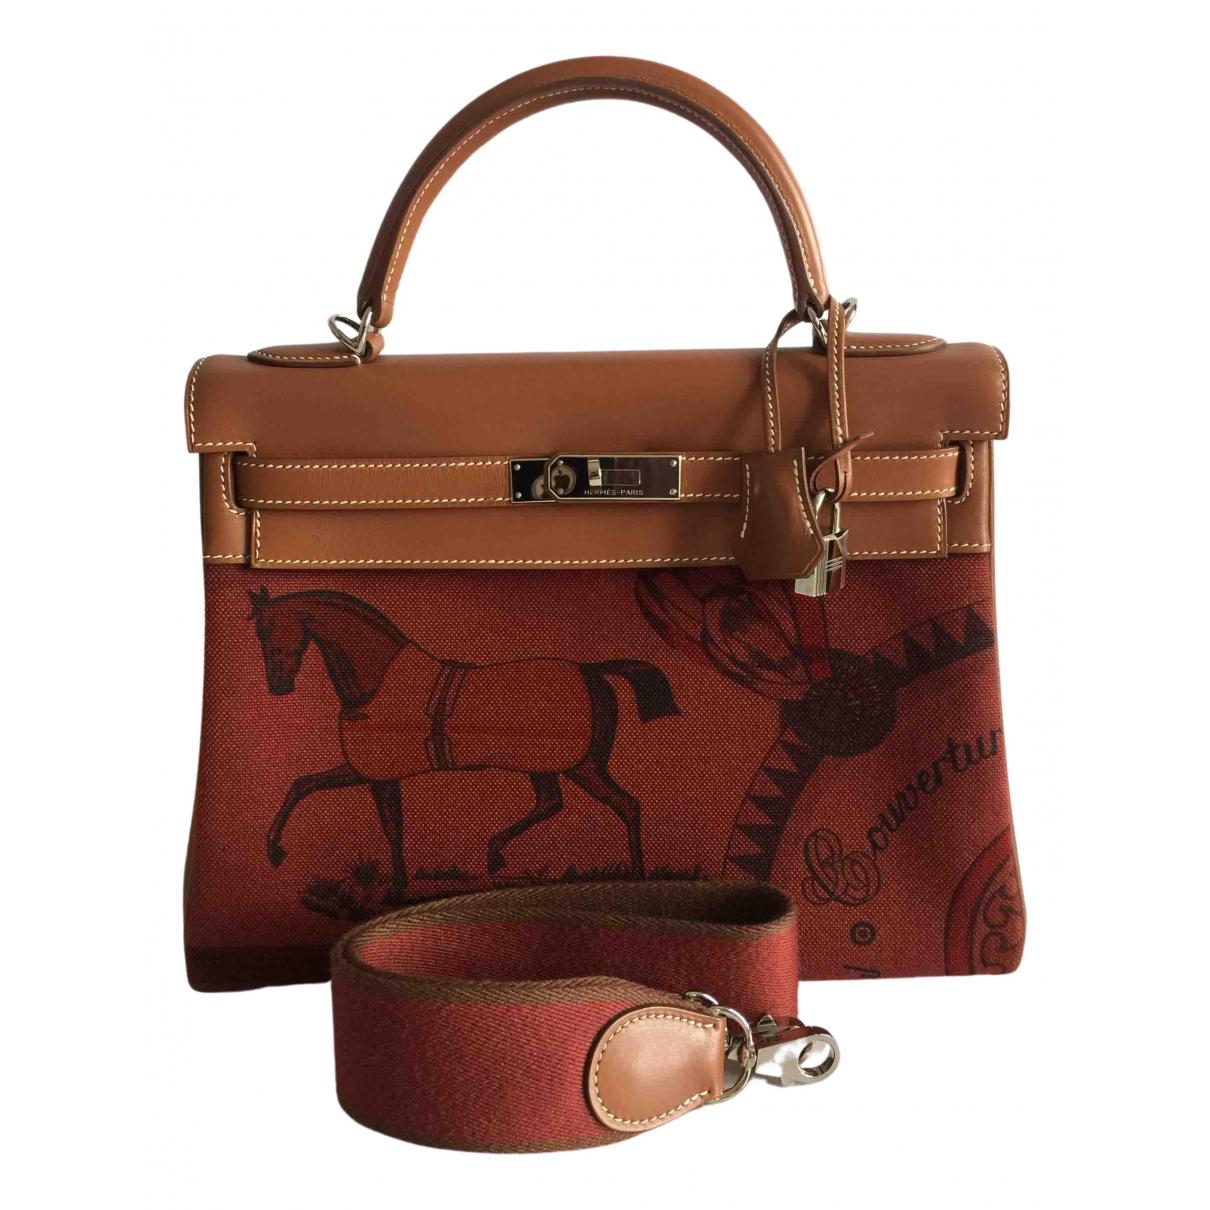 Hermes Kelly 32 Handtasche in  Bordeauxrot Leinen